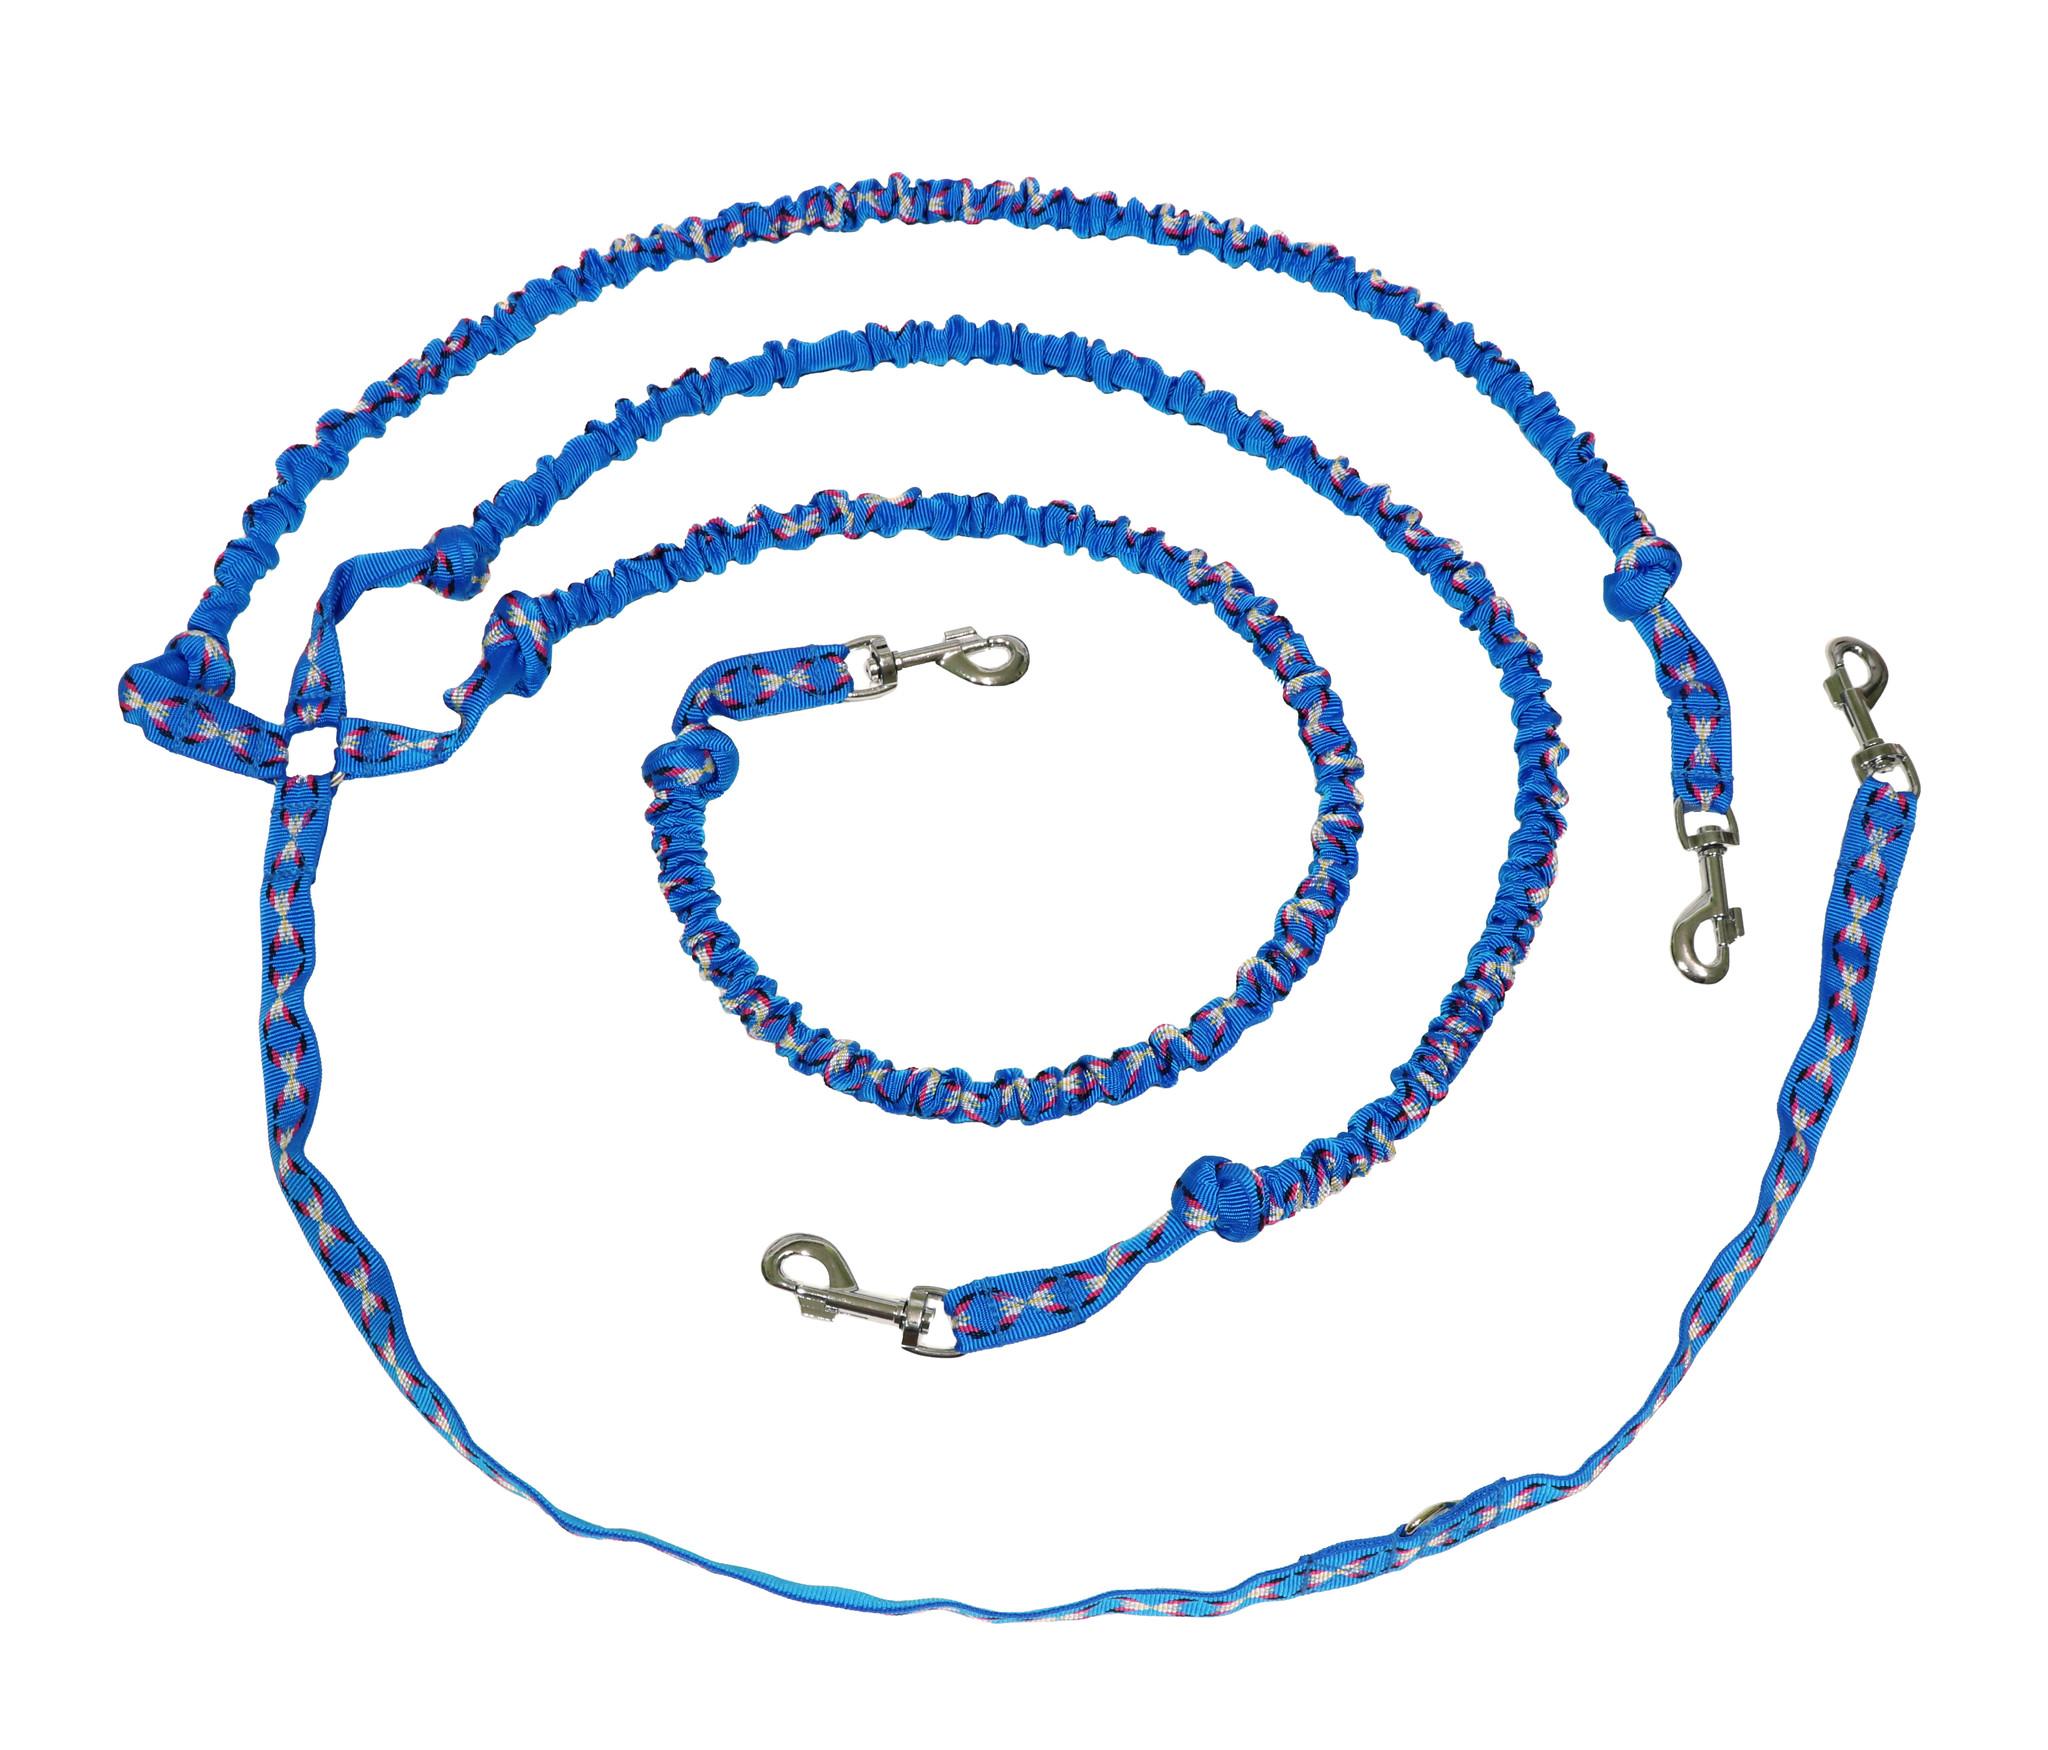 Northern Howl Zugleine für 3 Hunde mit integr. Ruckdämpfer - blau